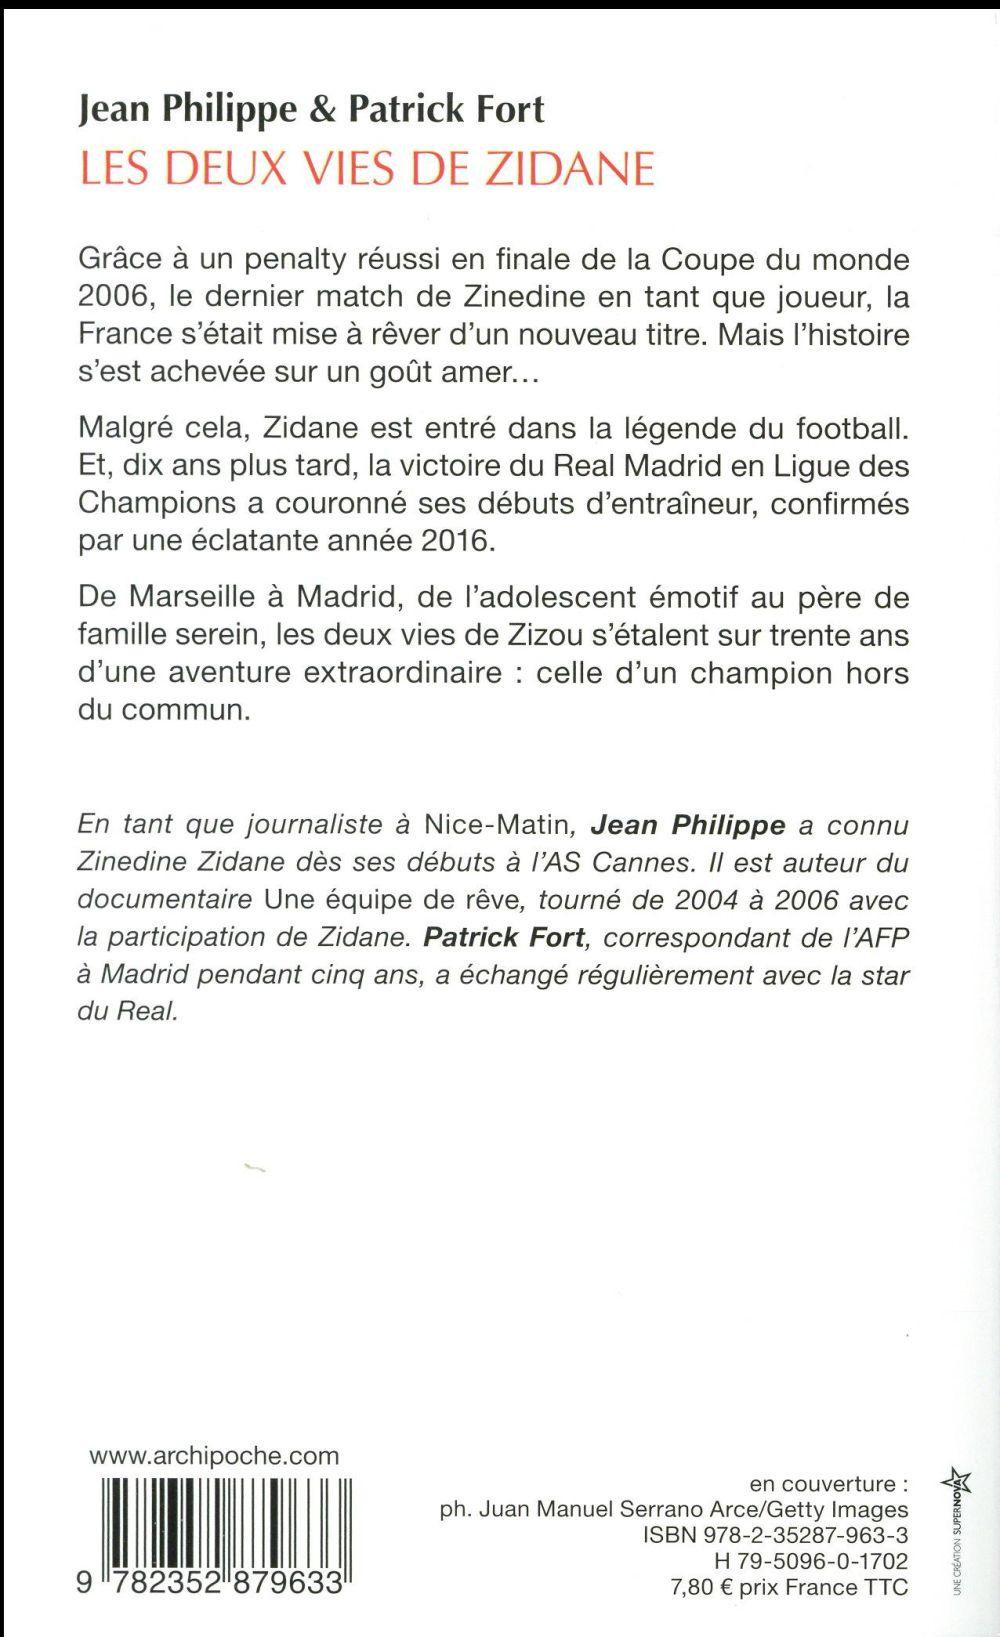 les deux vies de Zidane